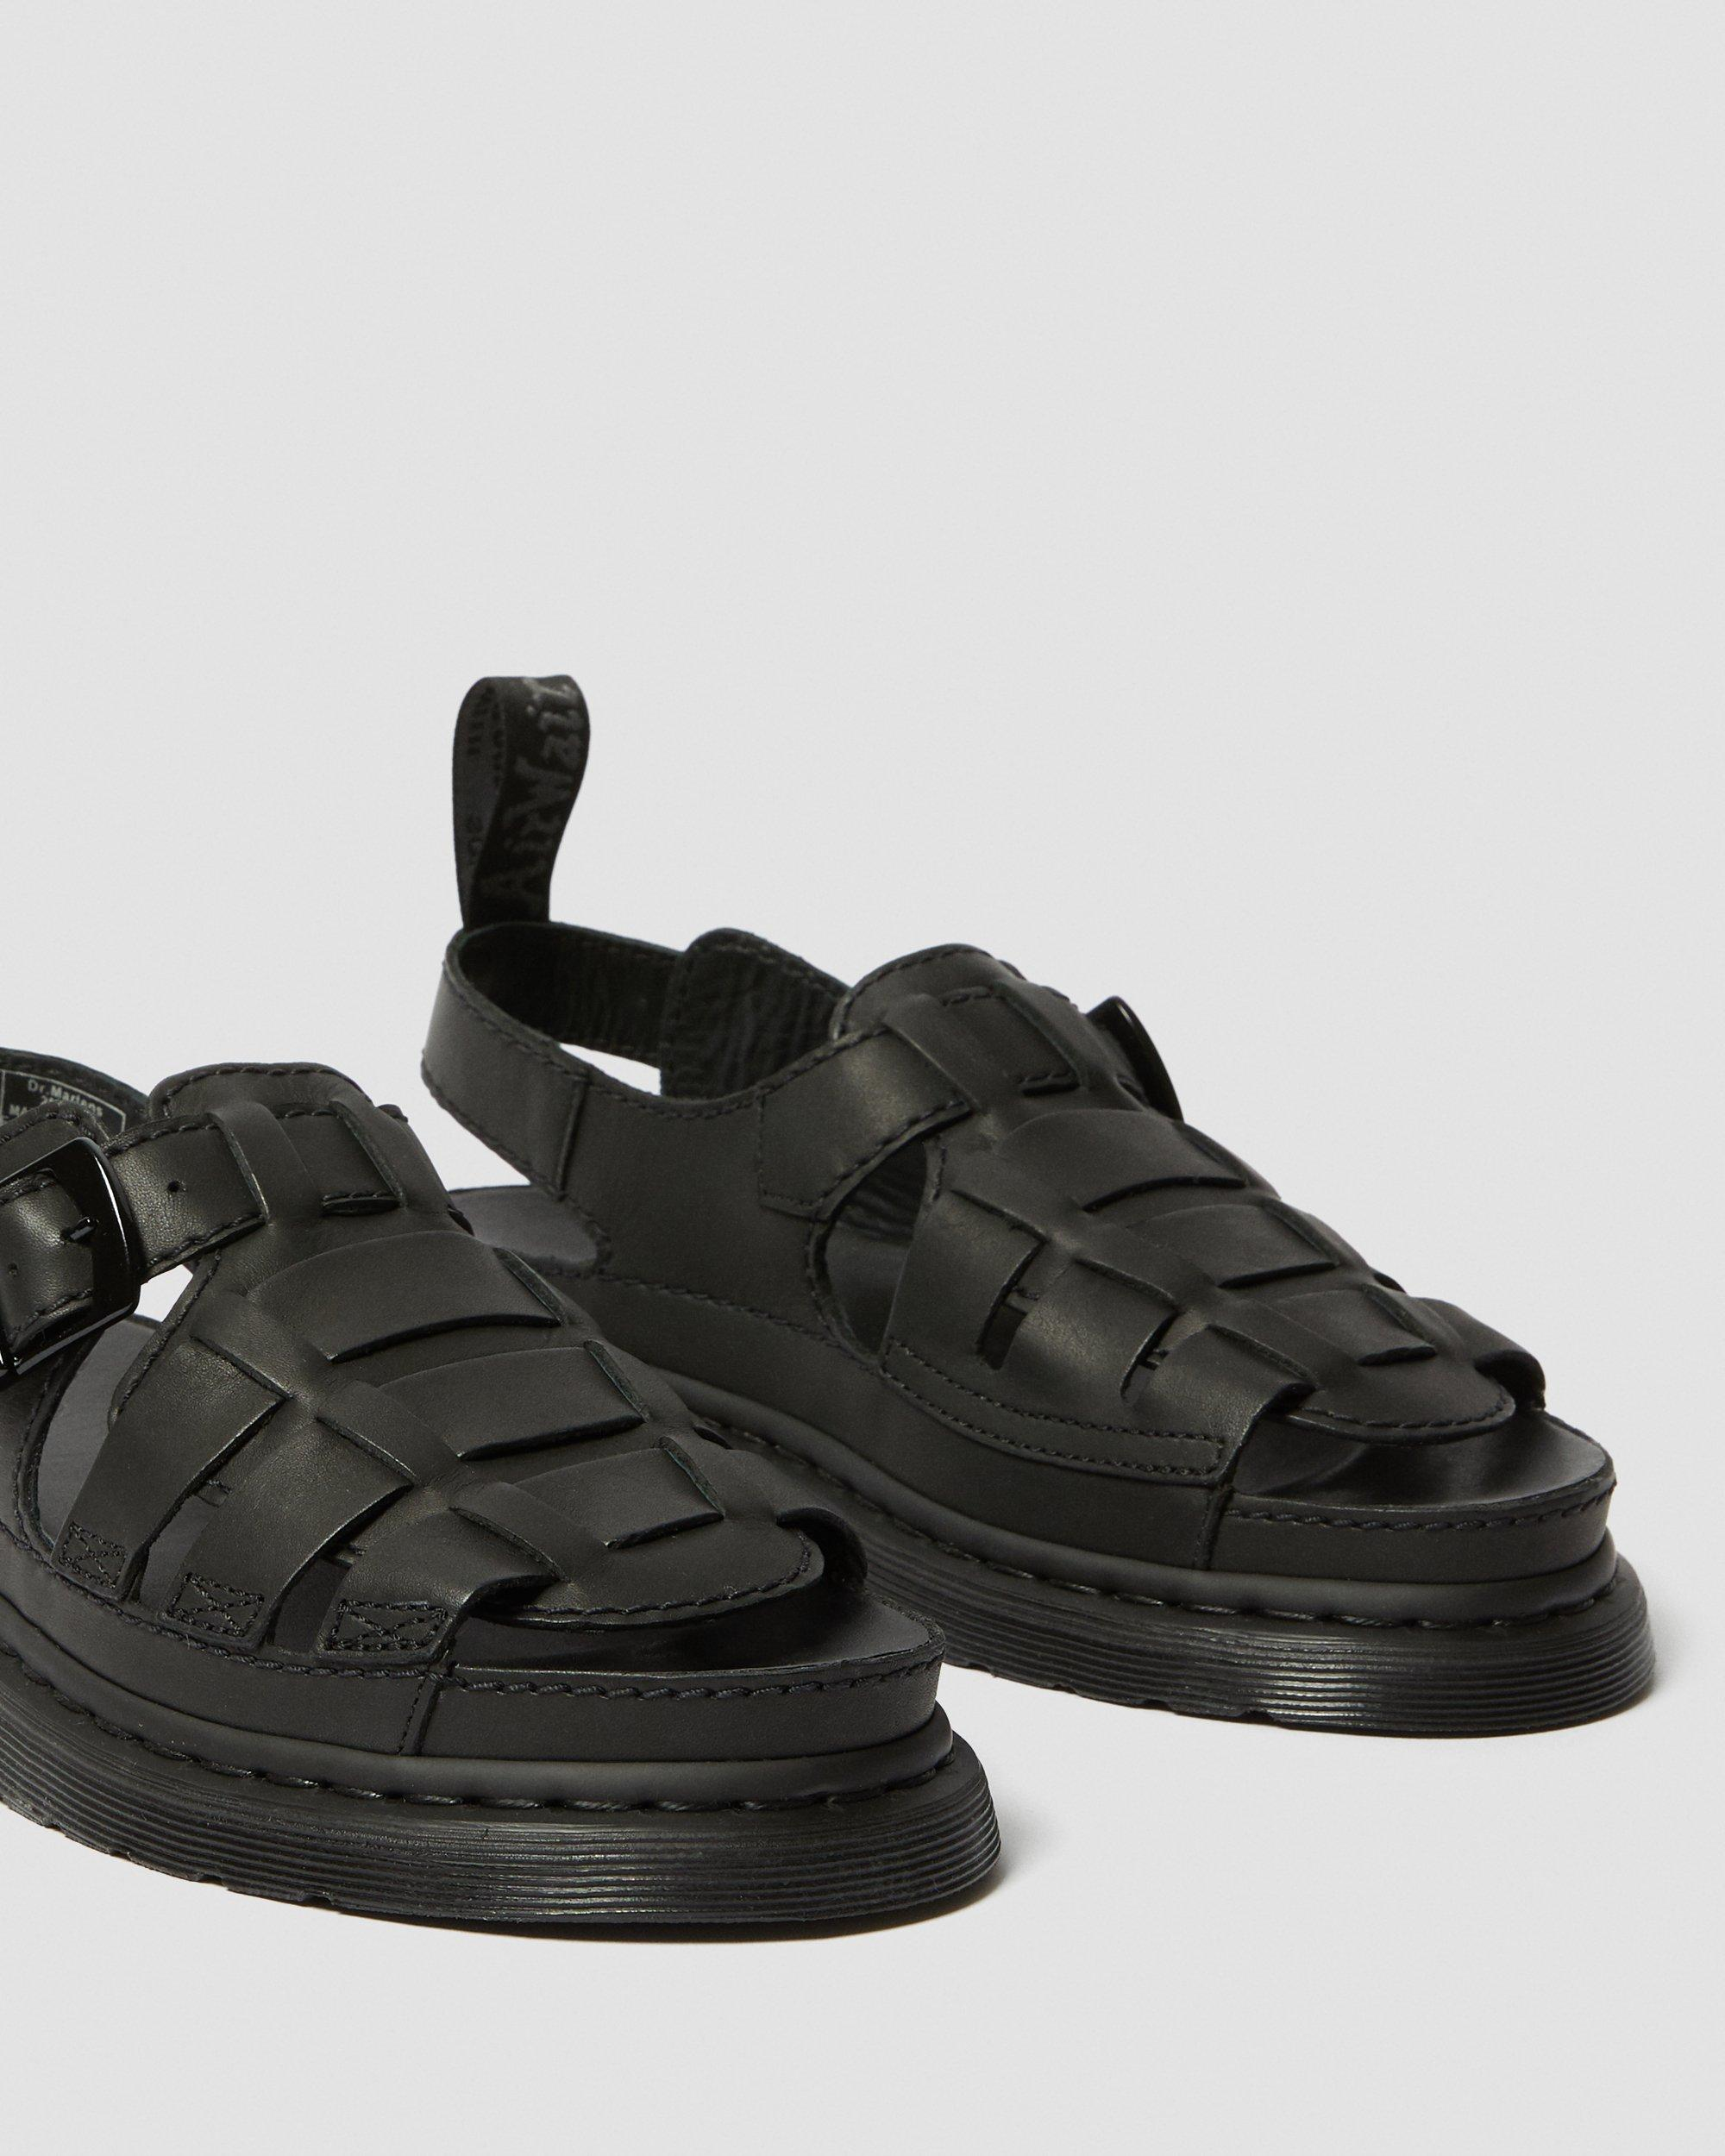 dr martins sandals